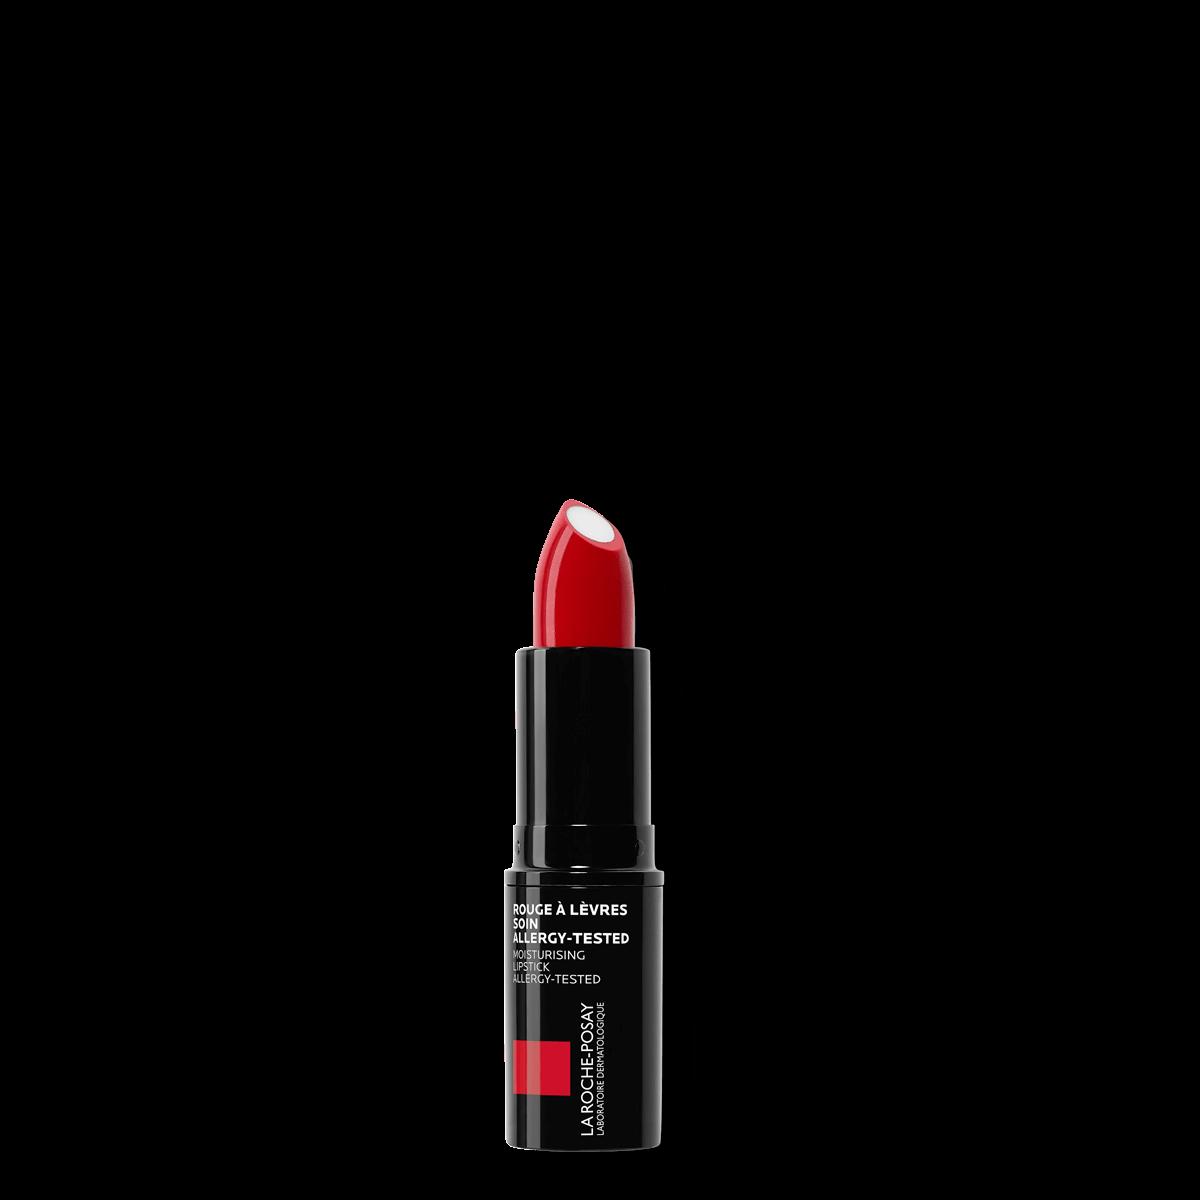 La Roche Posay Känslig Toleriane Make up NOVALIP 198Rougemat 3009271